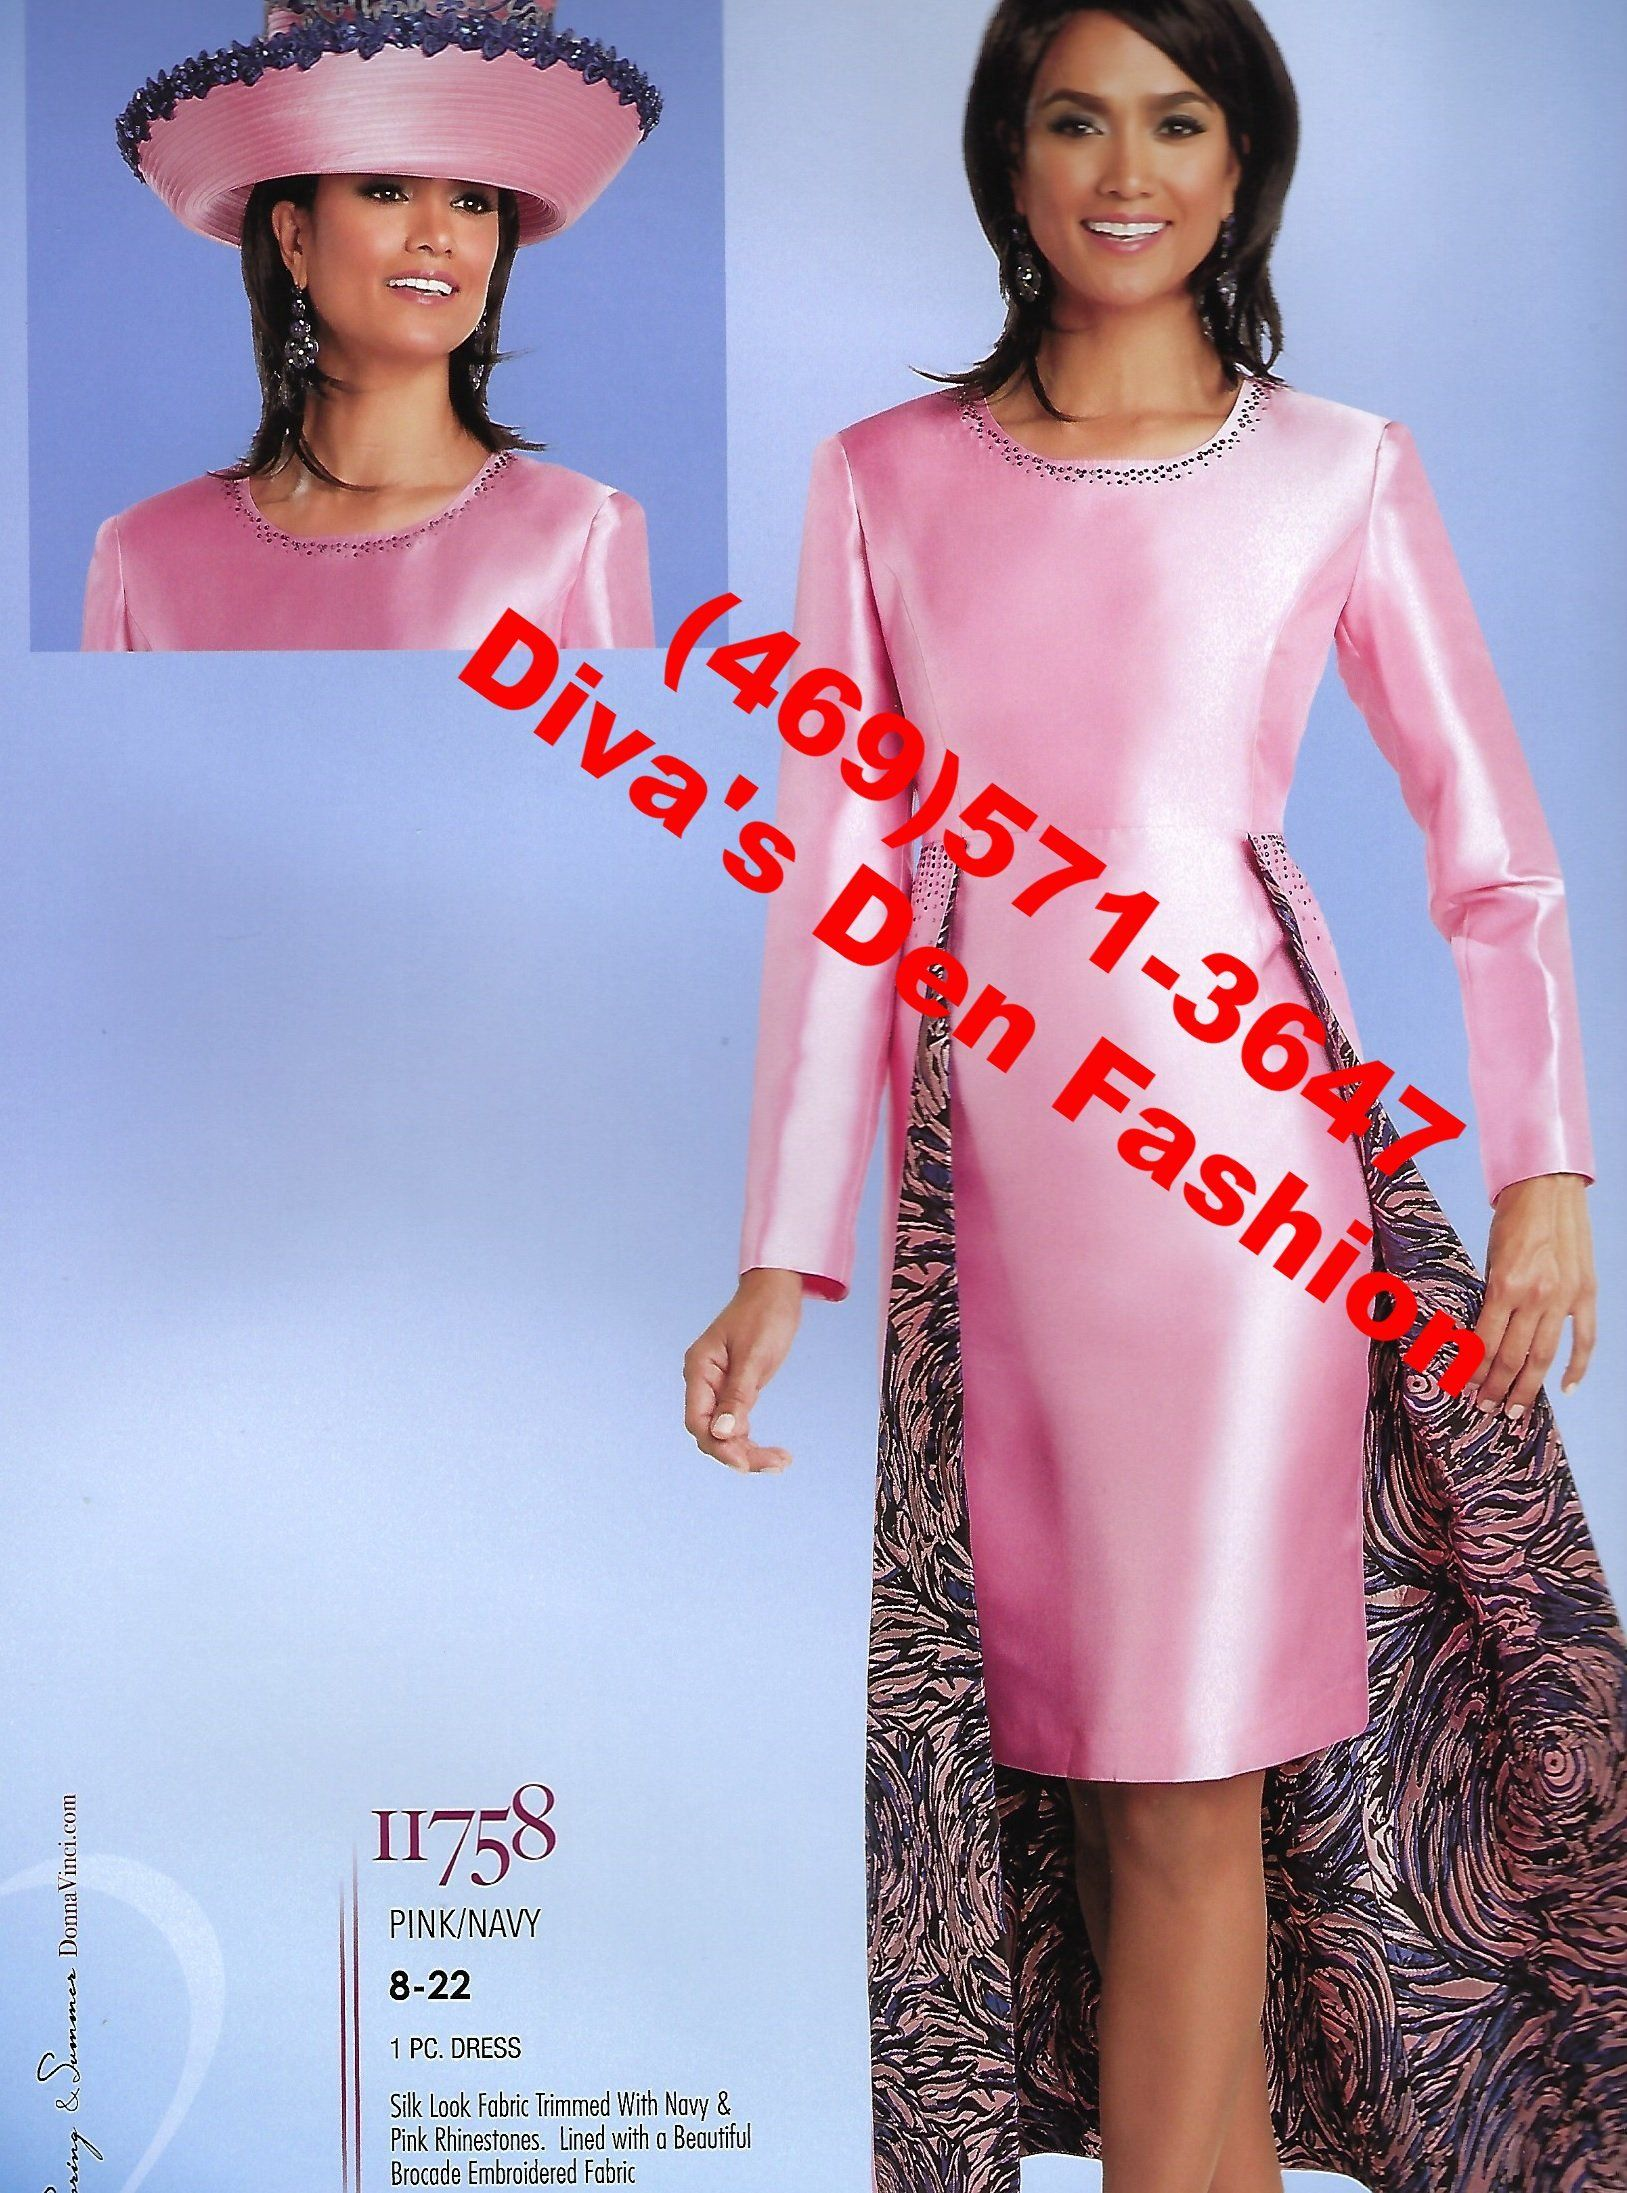 32917ed8eaf Donna Vinci 11758 in 2019